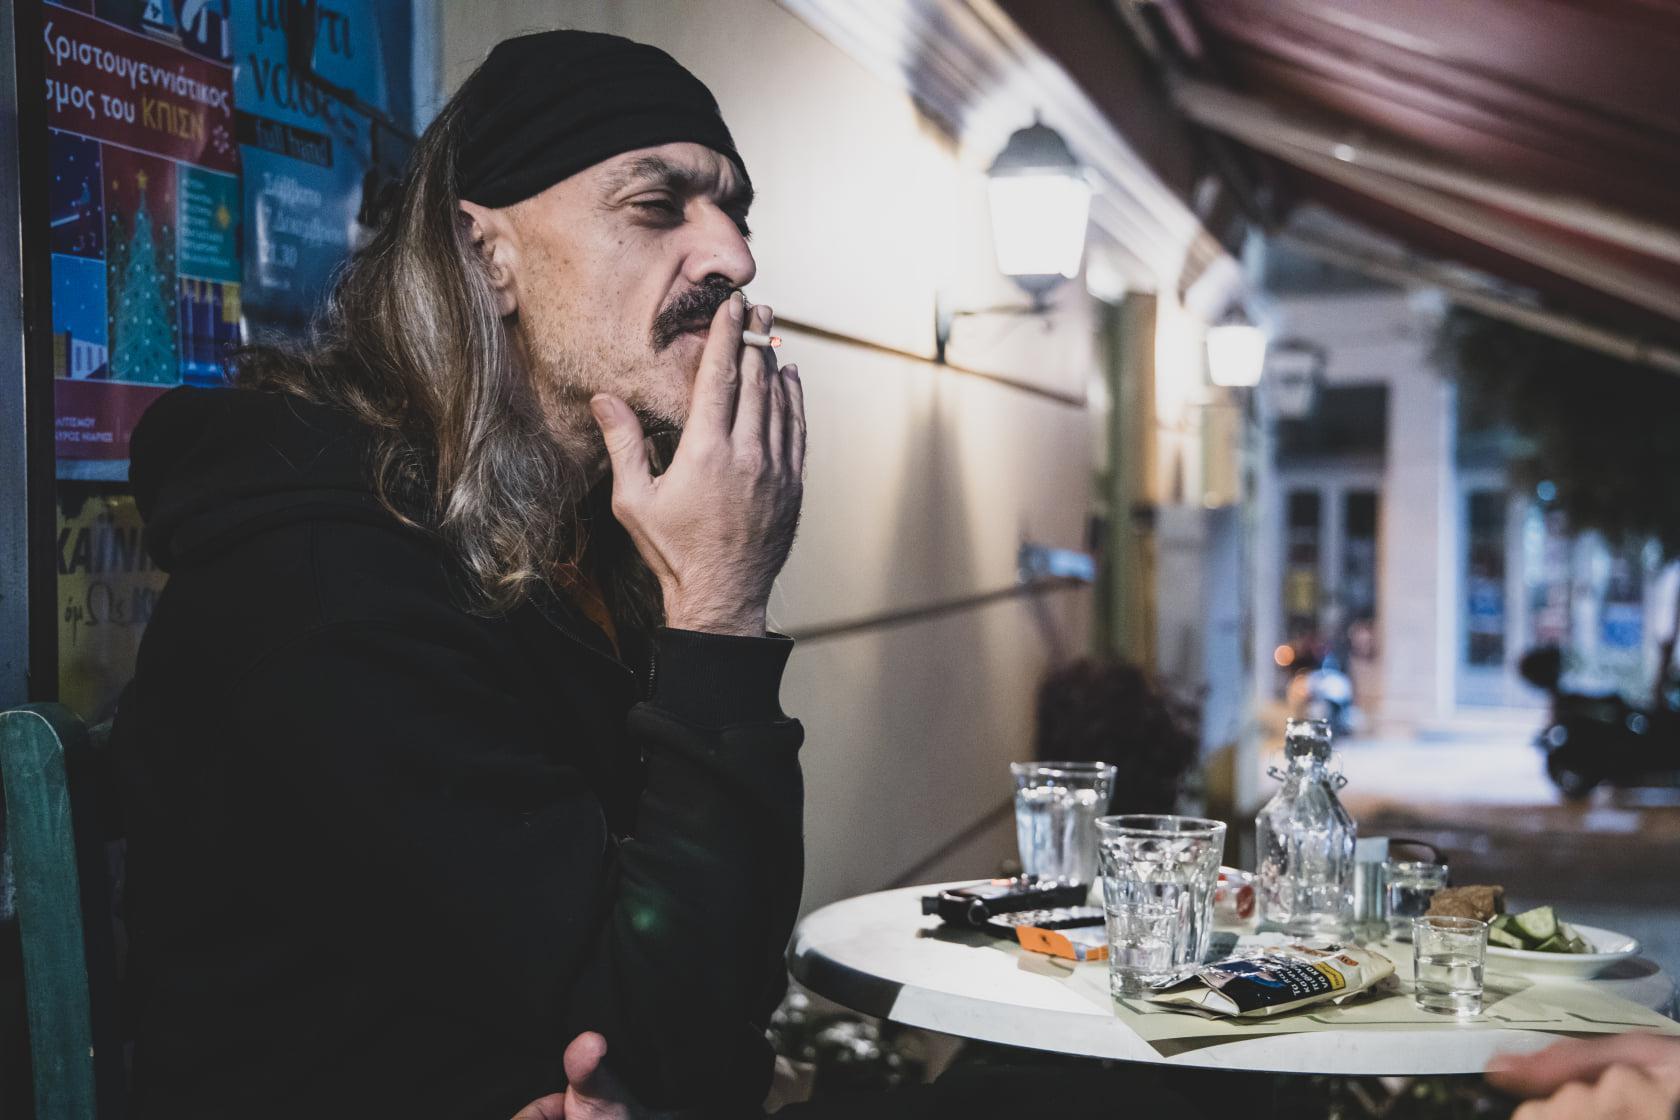 Χαΐνης – Δημήτρης Αποστολάκης: «Εάν δεν υπάρχει αλληλεγγύη, τότε το να  ζούμε μαζί είναι μια καθαρή ανοησία» » Candia Doc